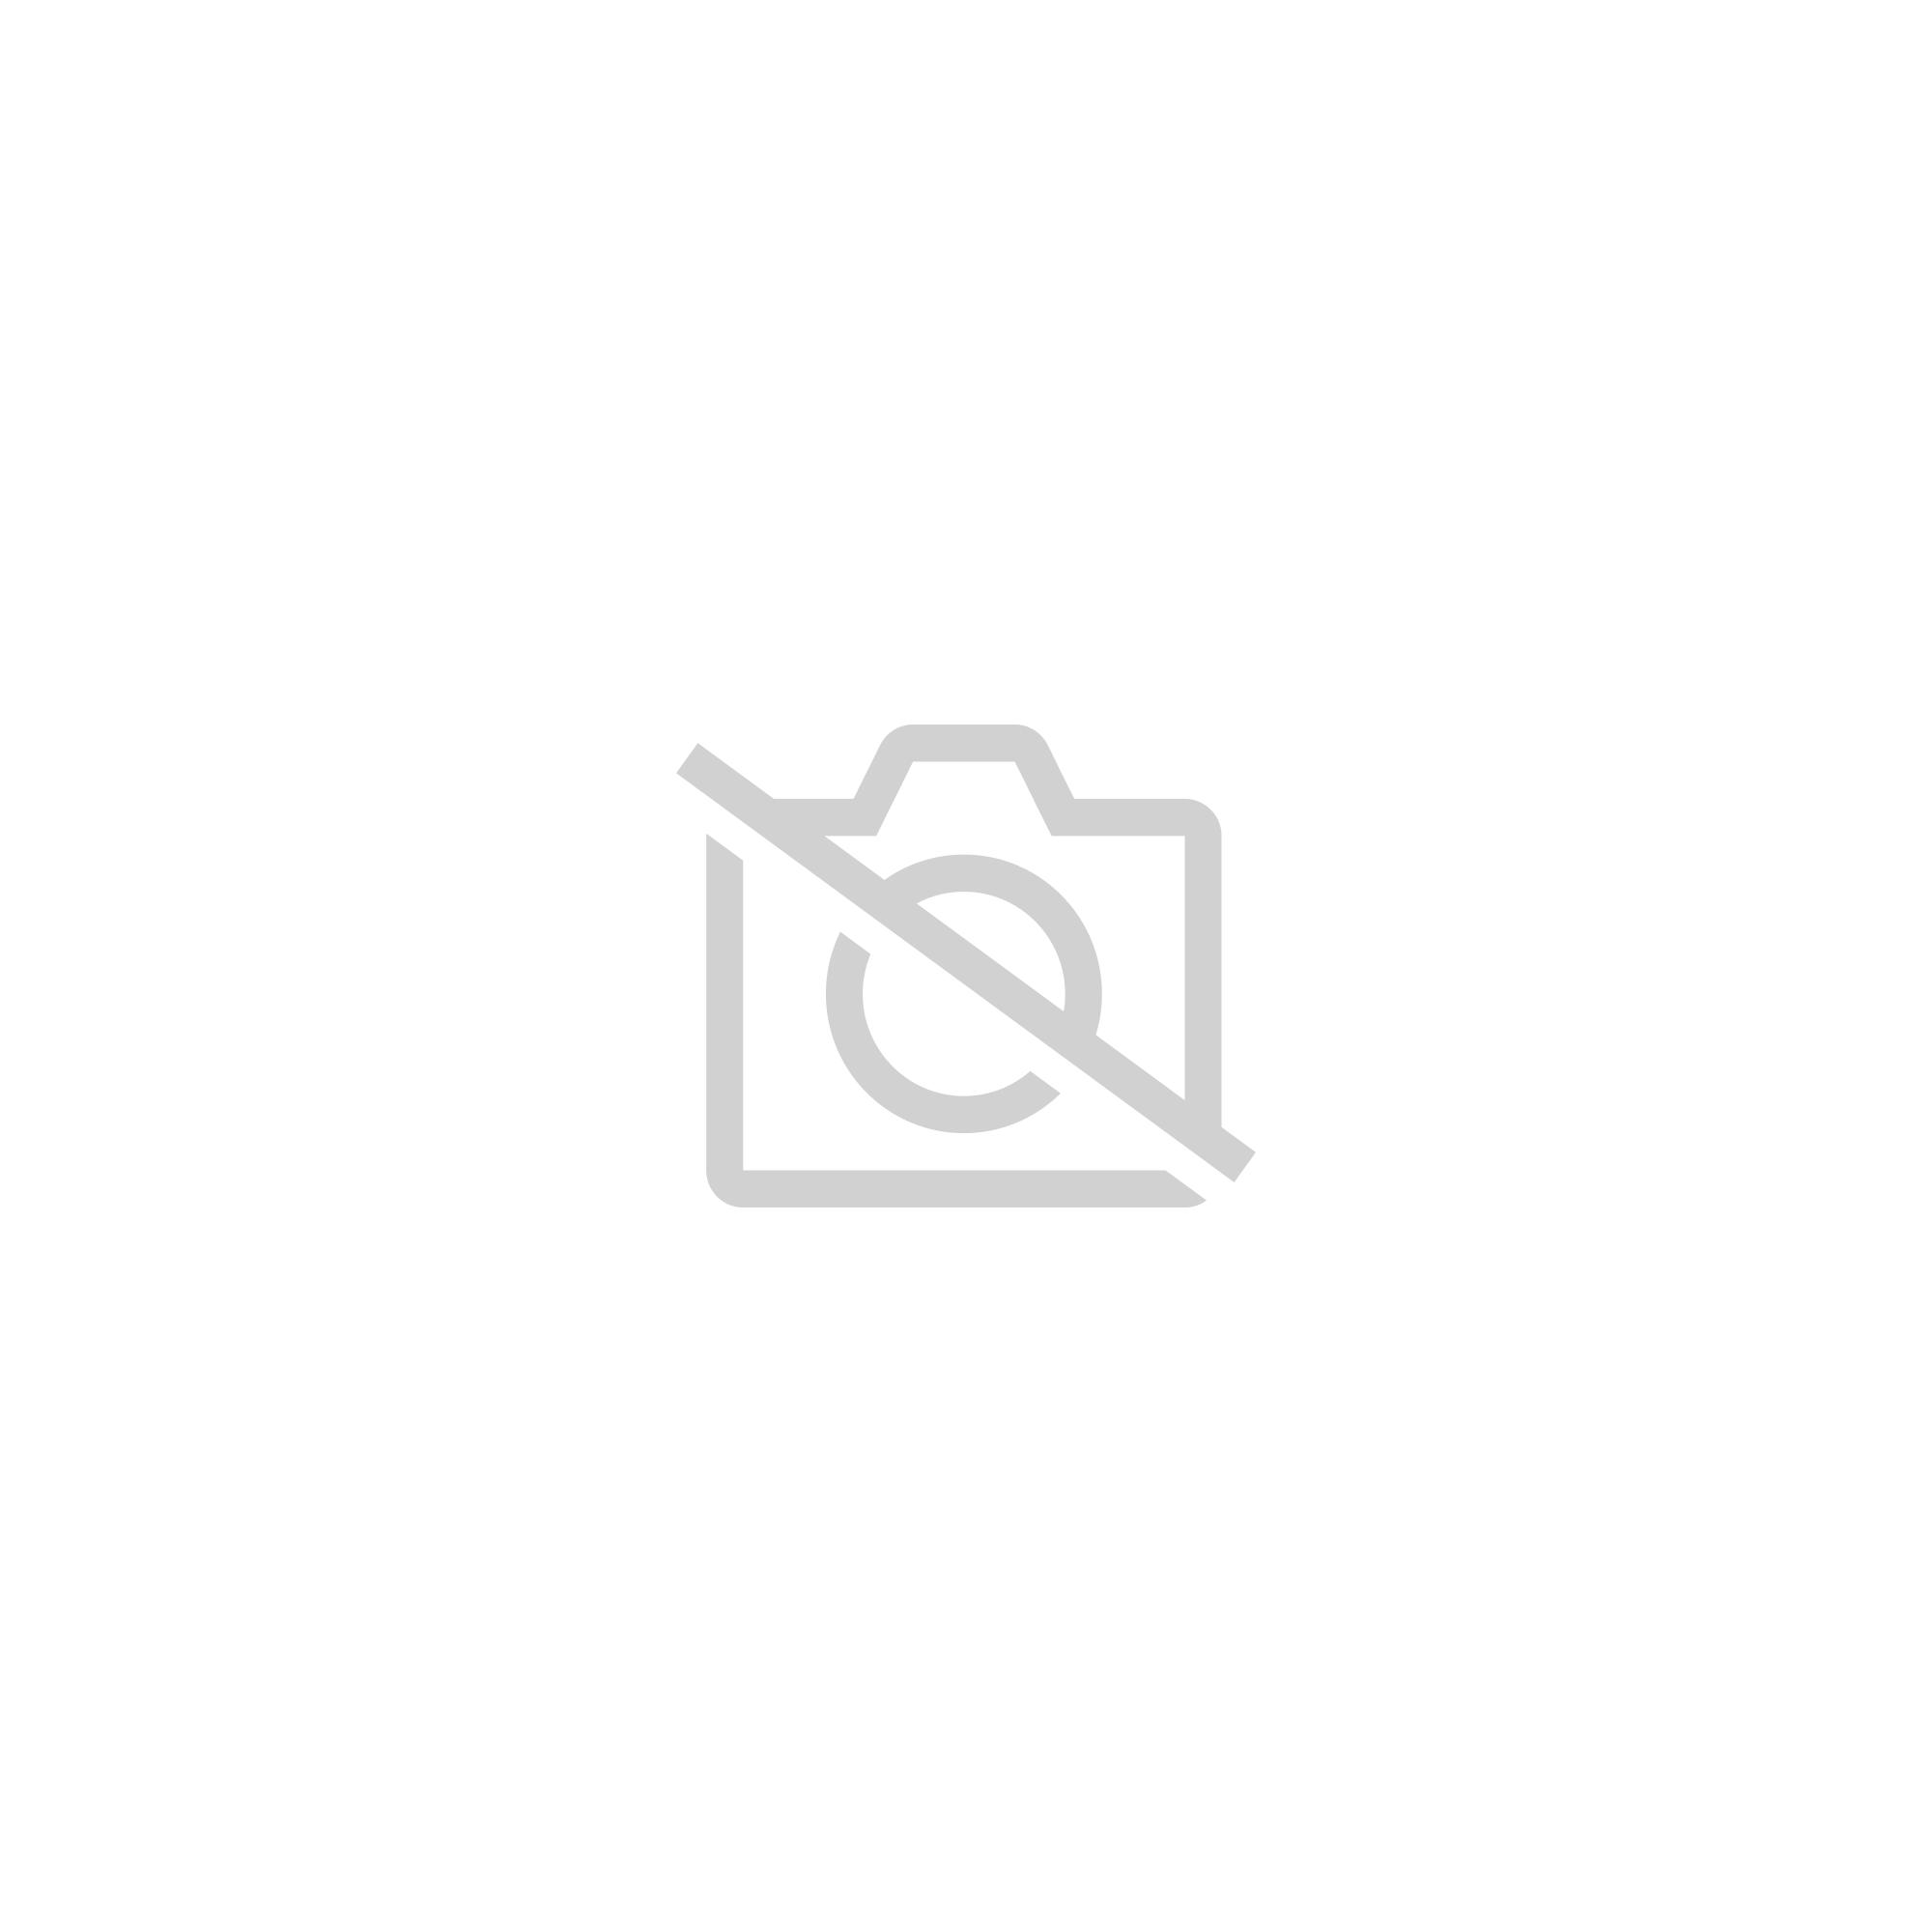 29da3b4bd2d Ty Beanie Buddie - Comparez les prix des Livres d Occasion ou Neufs